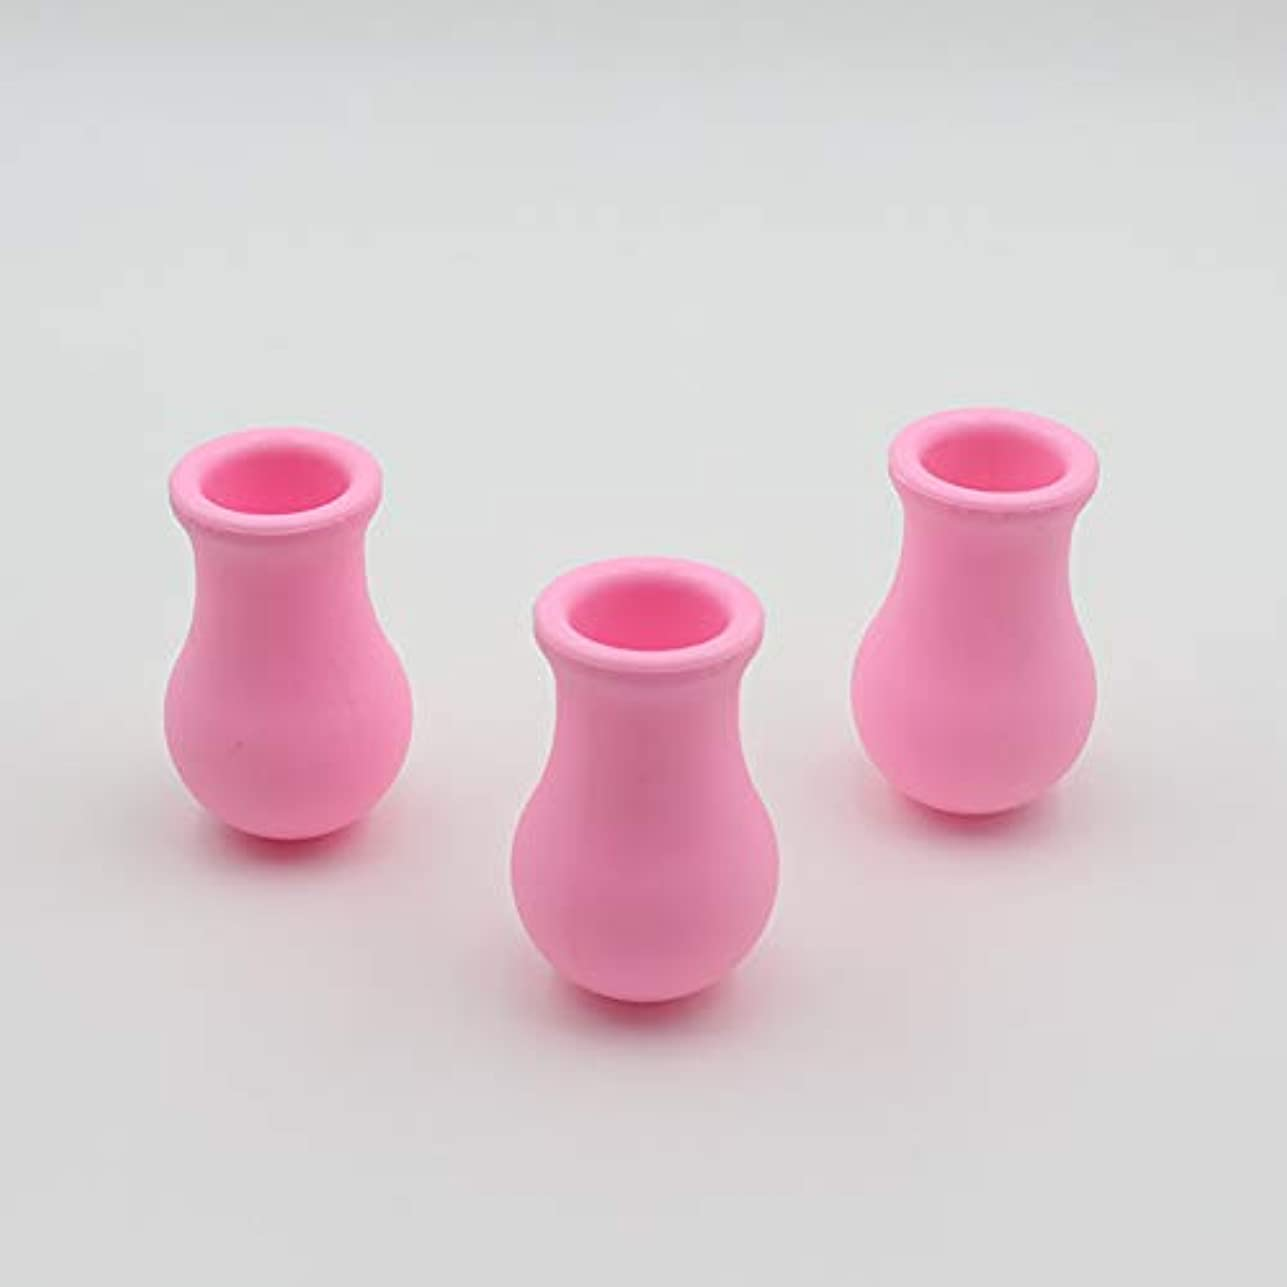 選択委任する戸惑うACHICOO パンプ 唇 メイクアップ ファッション 女性 セクシー 花瓶形 唇マッサージ メイクアップツール